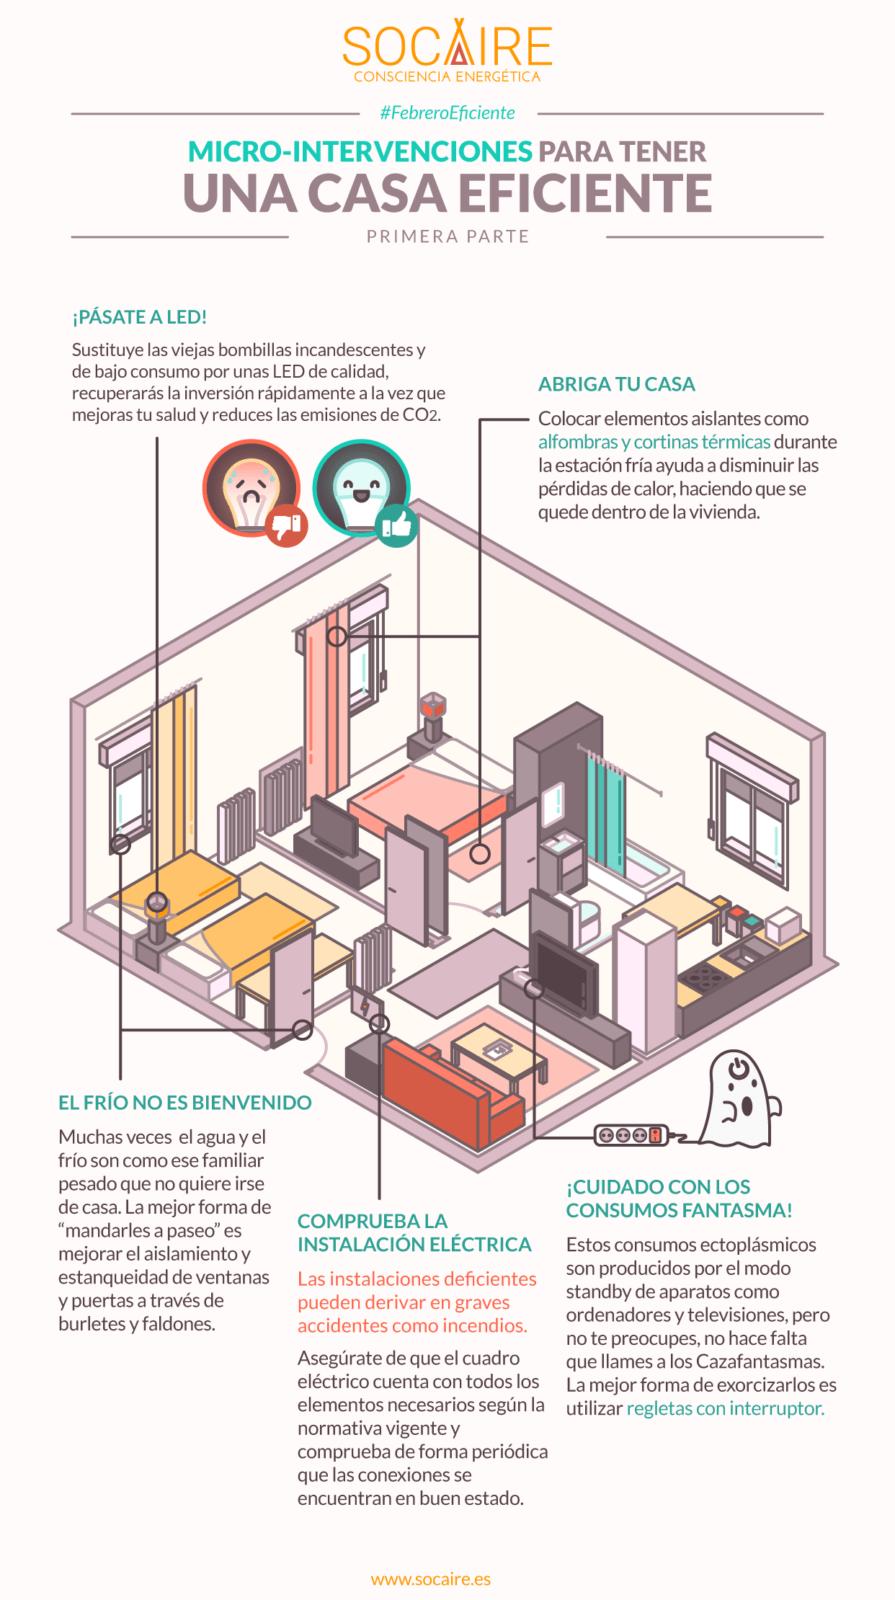 Microintervenciones para tener una casa eficiente